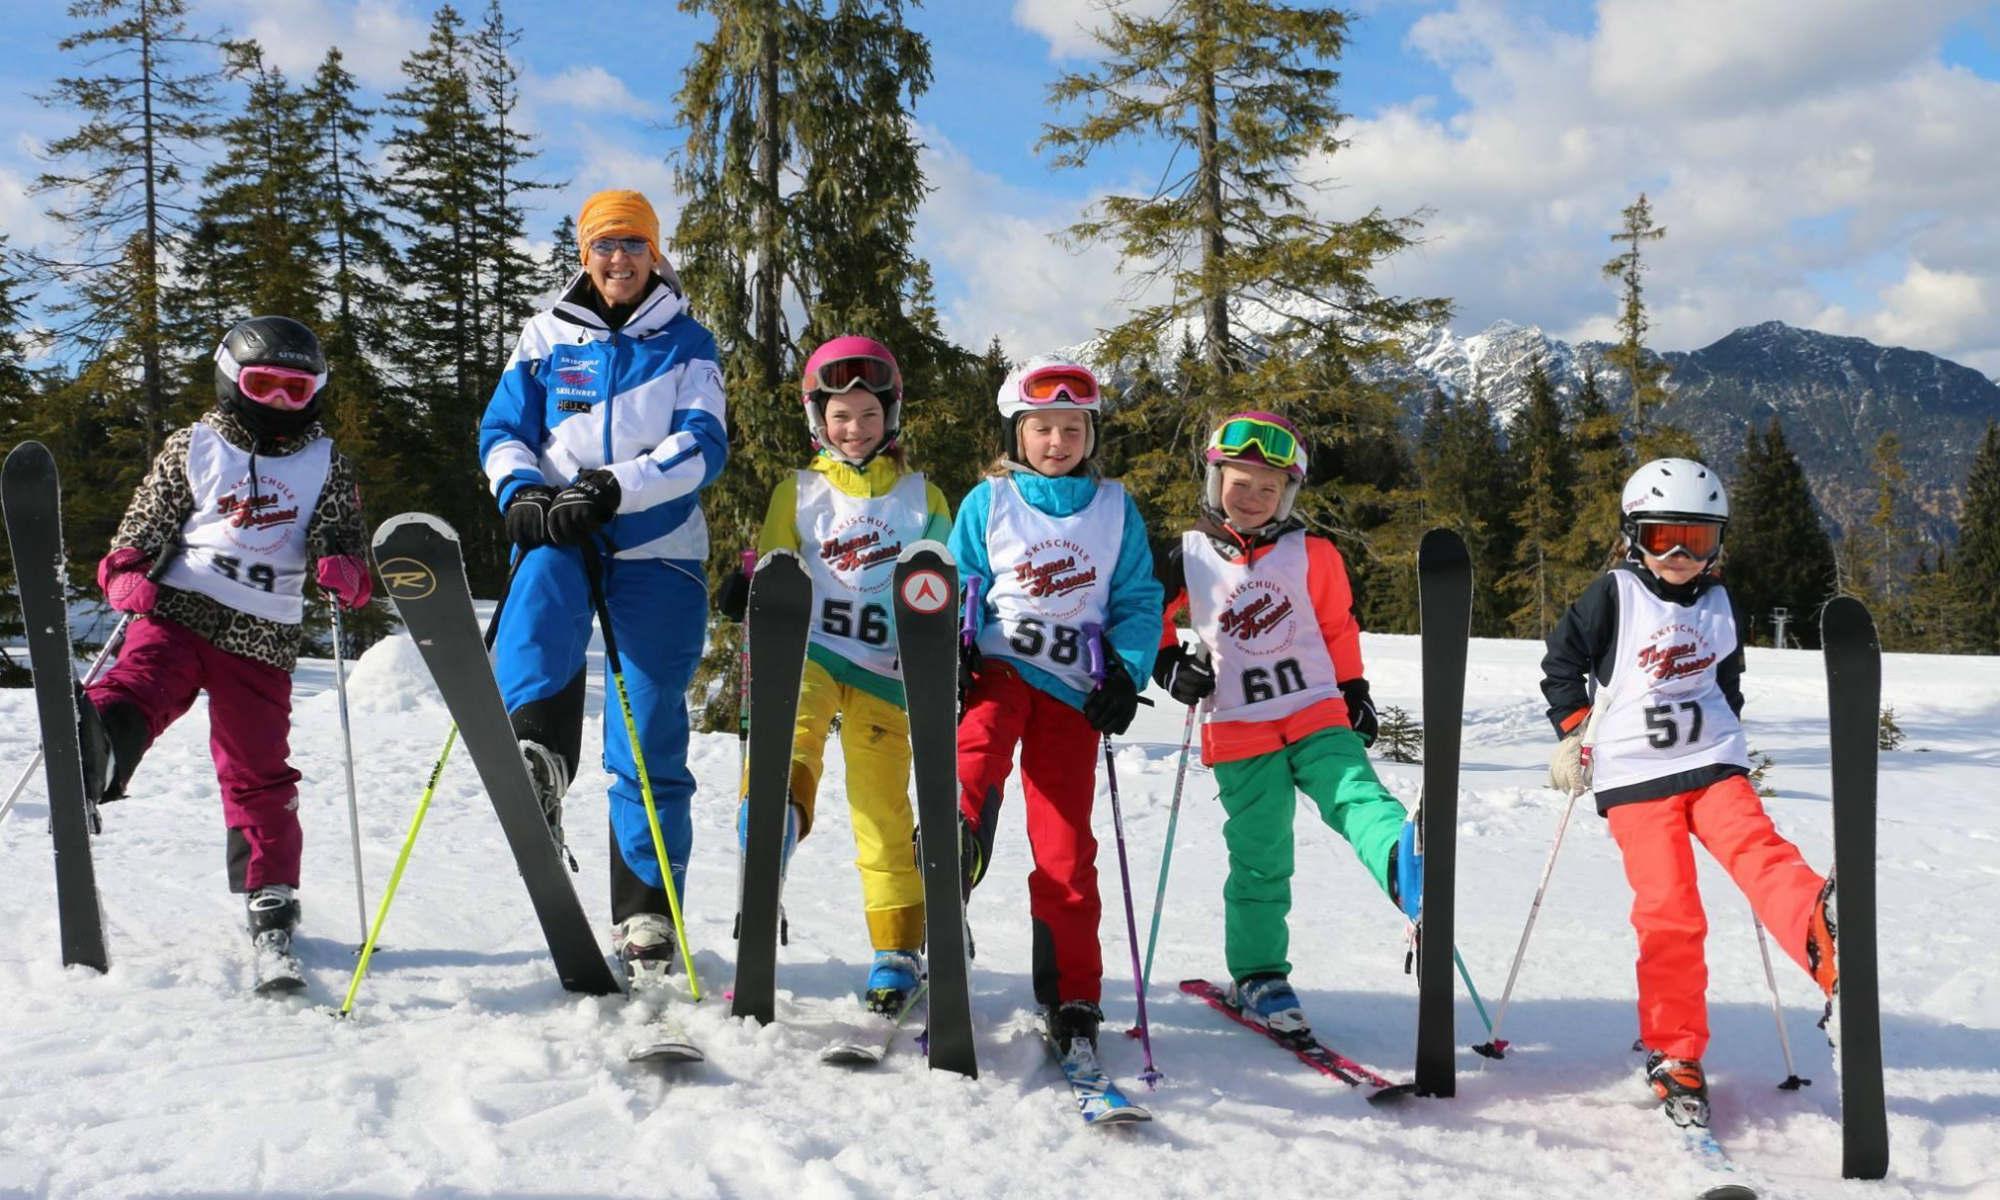 Kinder beim Anfänger Skikurs im Skigebiet Garmisch-Classic.